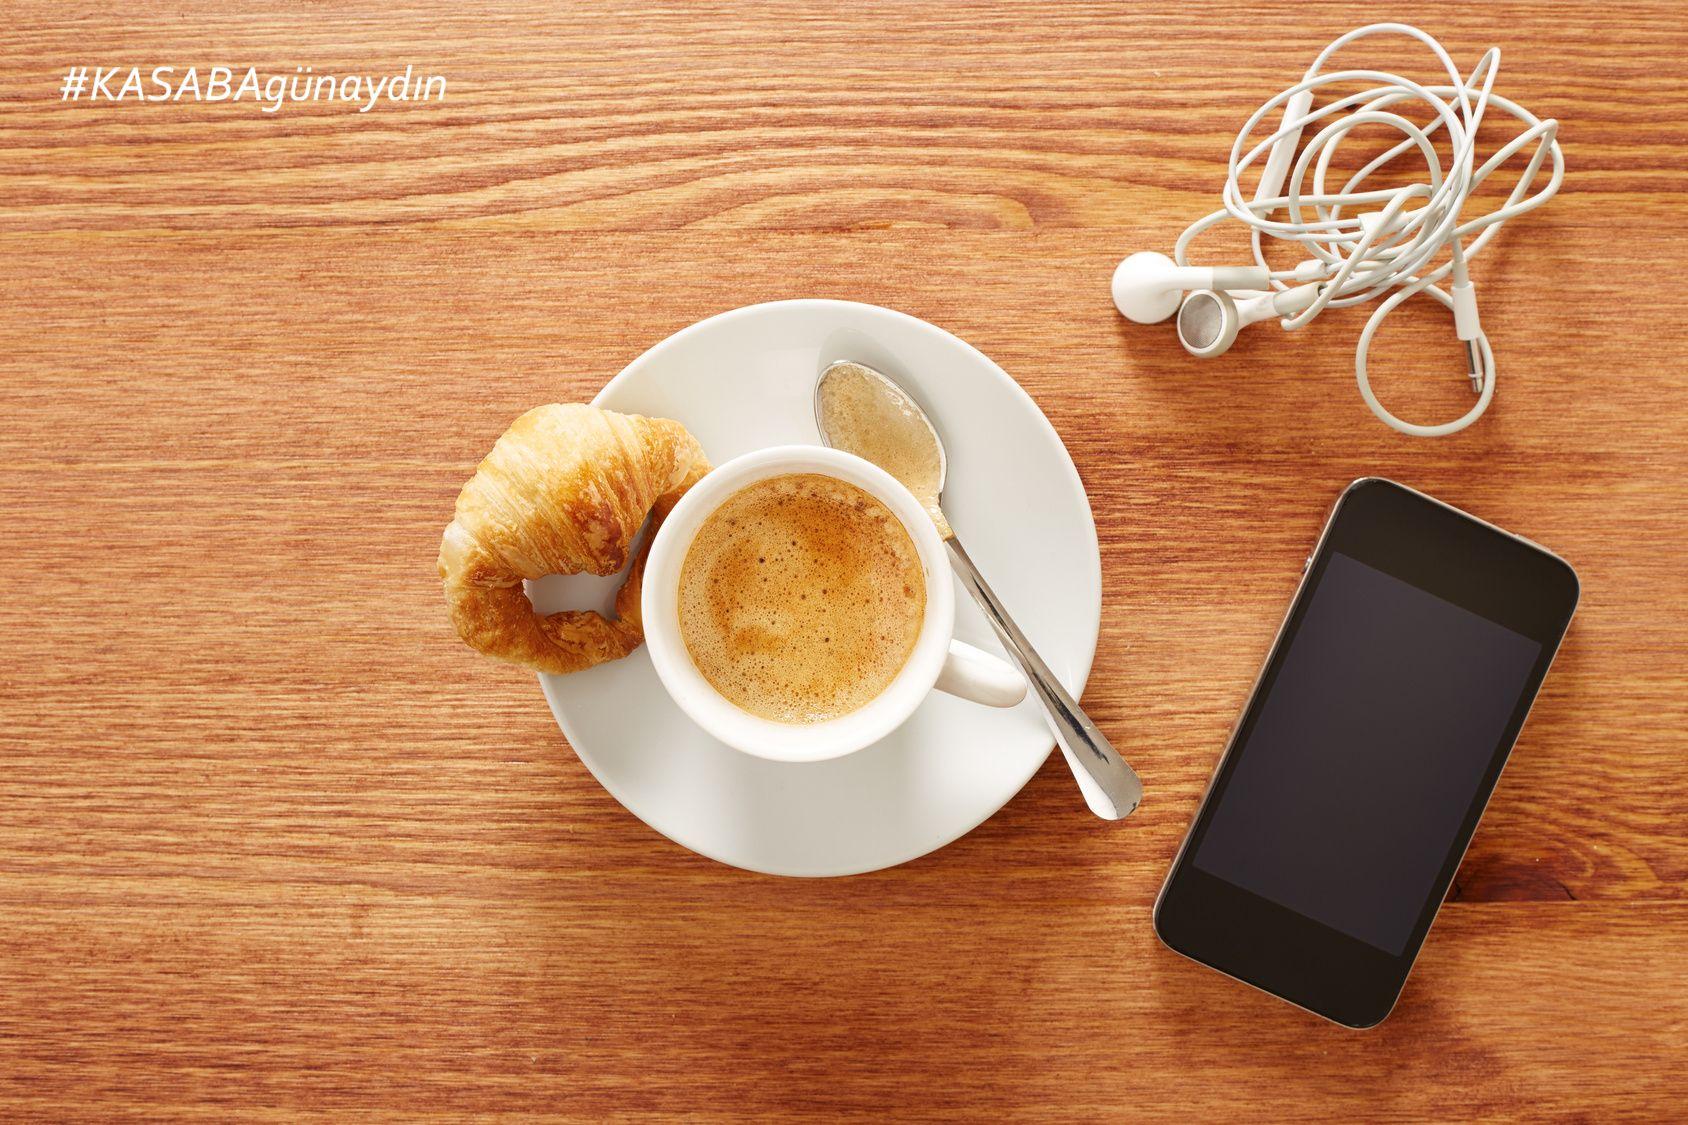 Sabah kahvesini ☕️ yudumlarken de telefonunu  yanından ayırmayan Kasaba erkekleri❗️ Bugünkü günaydın sizlere gelsin   #KASABAgünaydın #KASABAgunaydin #goodmorning #morning #buongiorno #iyigunler #iyigünler #haveaniceday #haveagoodday #aniceone #haveaniceone #wakeup #uyan #happy #mutlu #bugun #bugün #today #morning #sabah